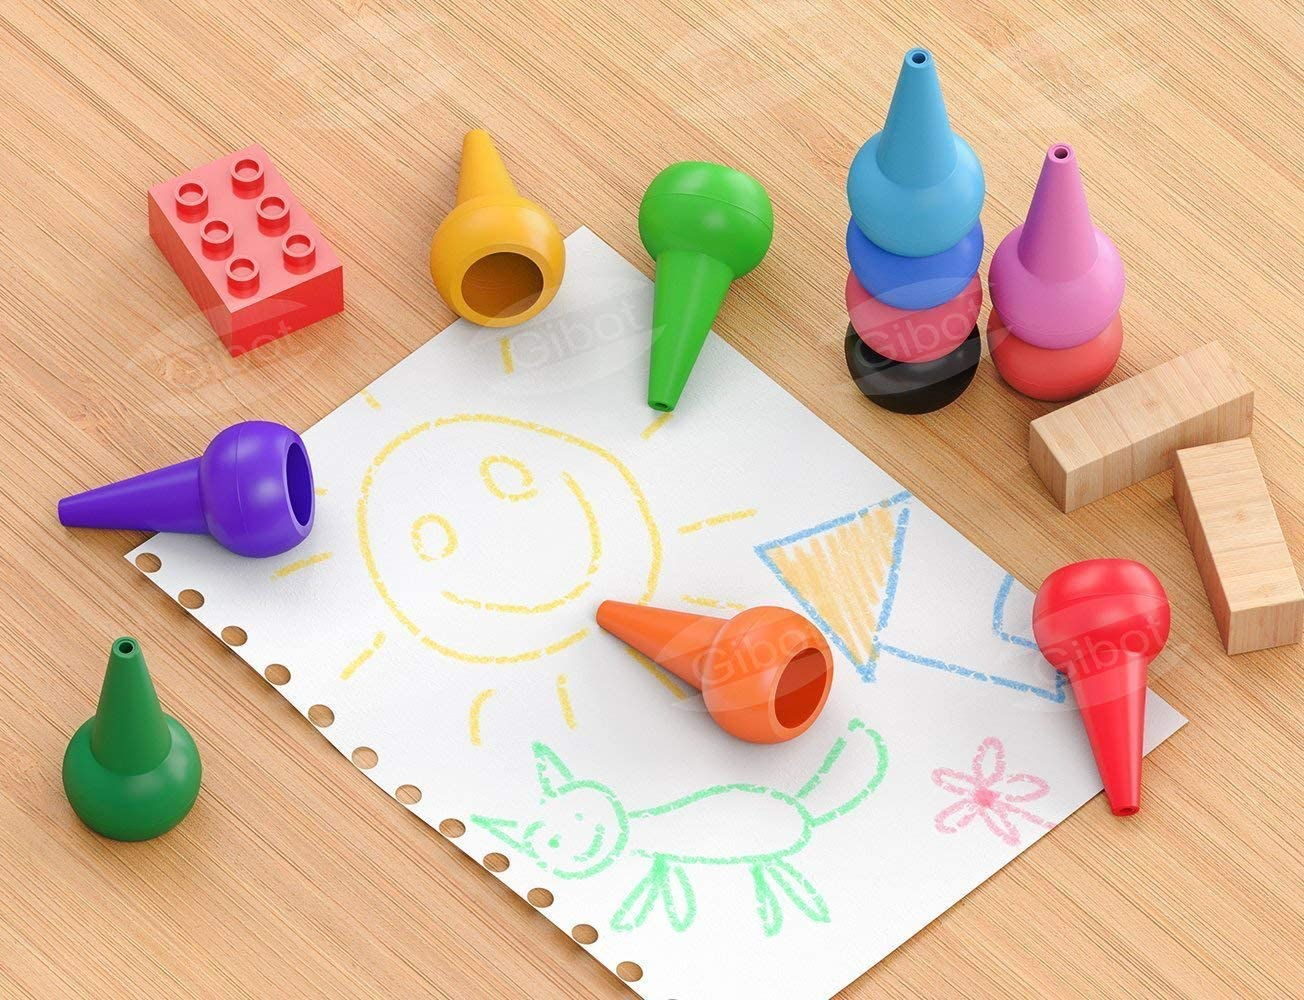 Sicher und nicht toxisch. 12 Farben Zeichenstift Wachsmalstifte Stapelbares Spielzeug f/ür Kinder Kleinkinder und Kinder GiBot Kleinkinder Wachsmalstifte Handfl/ächengriff Wachsmalstifte